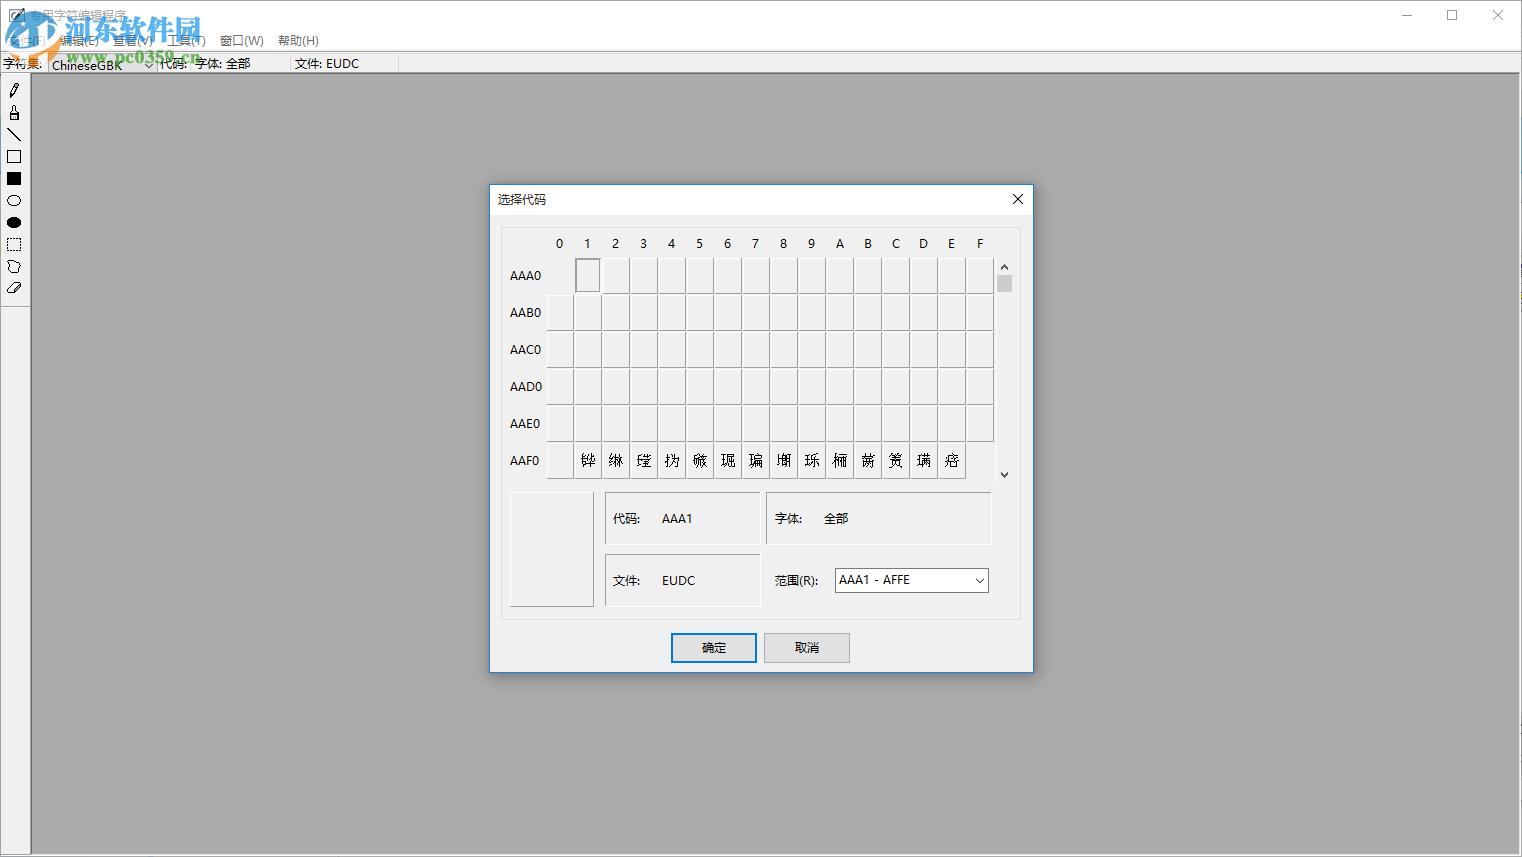 嘉意德工程资料制作与管理软件下载 3.5 免费版